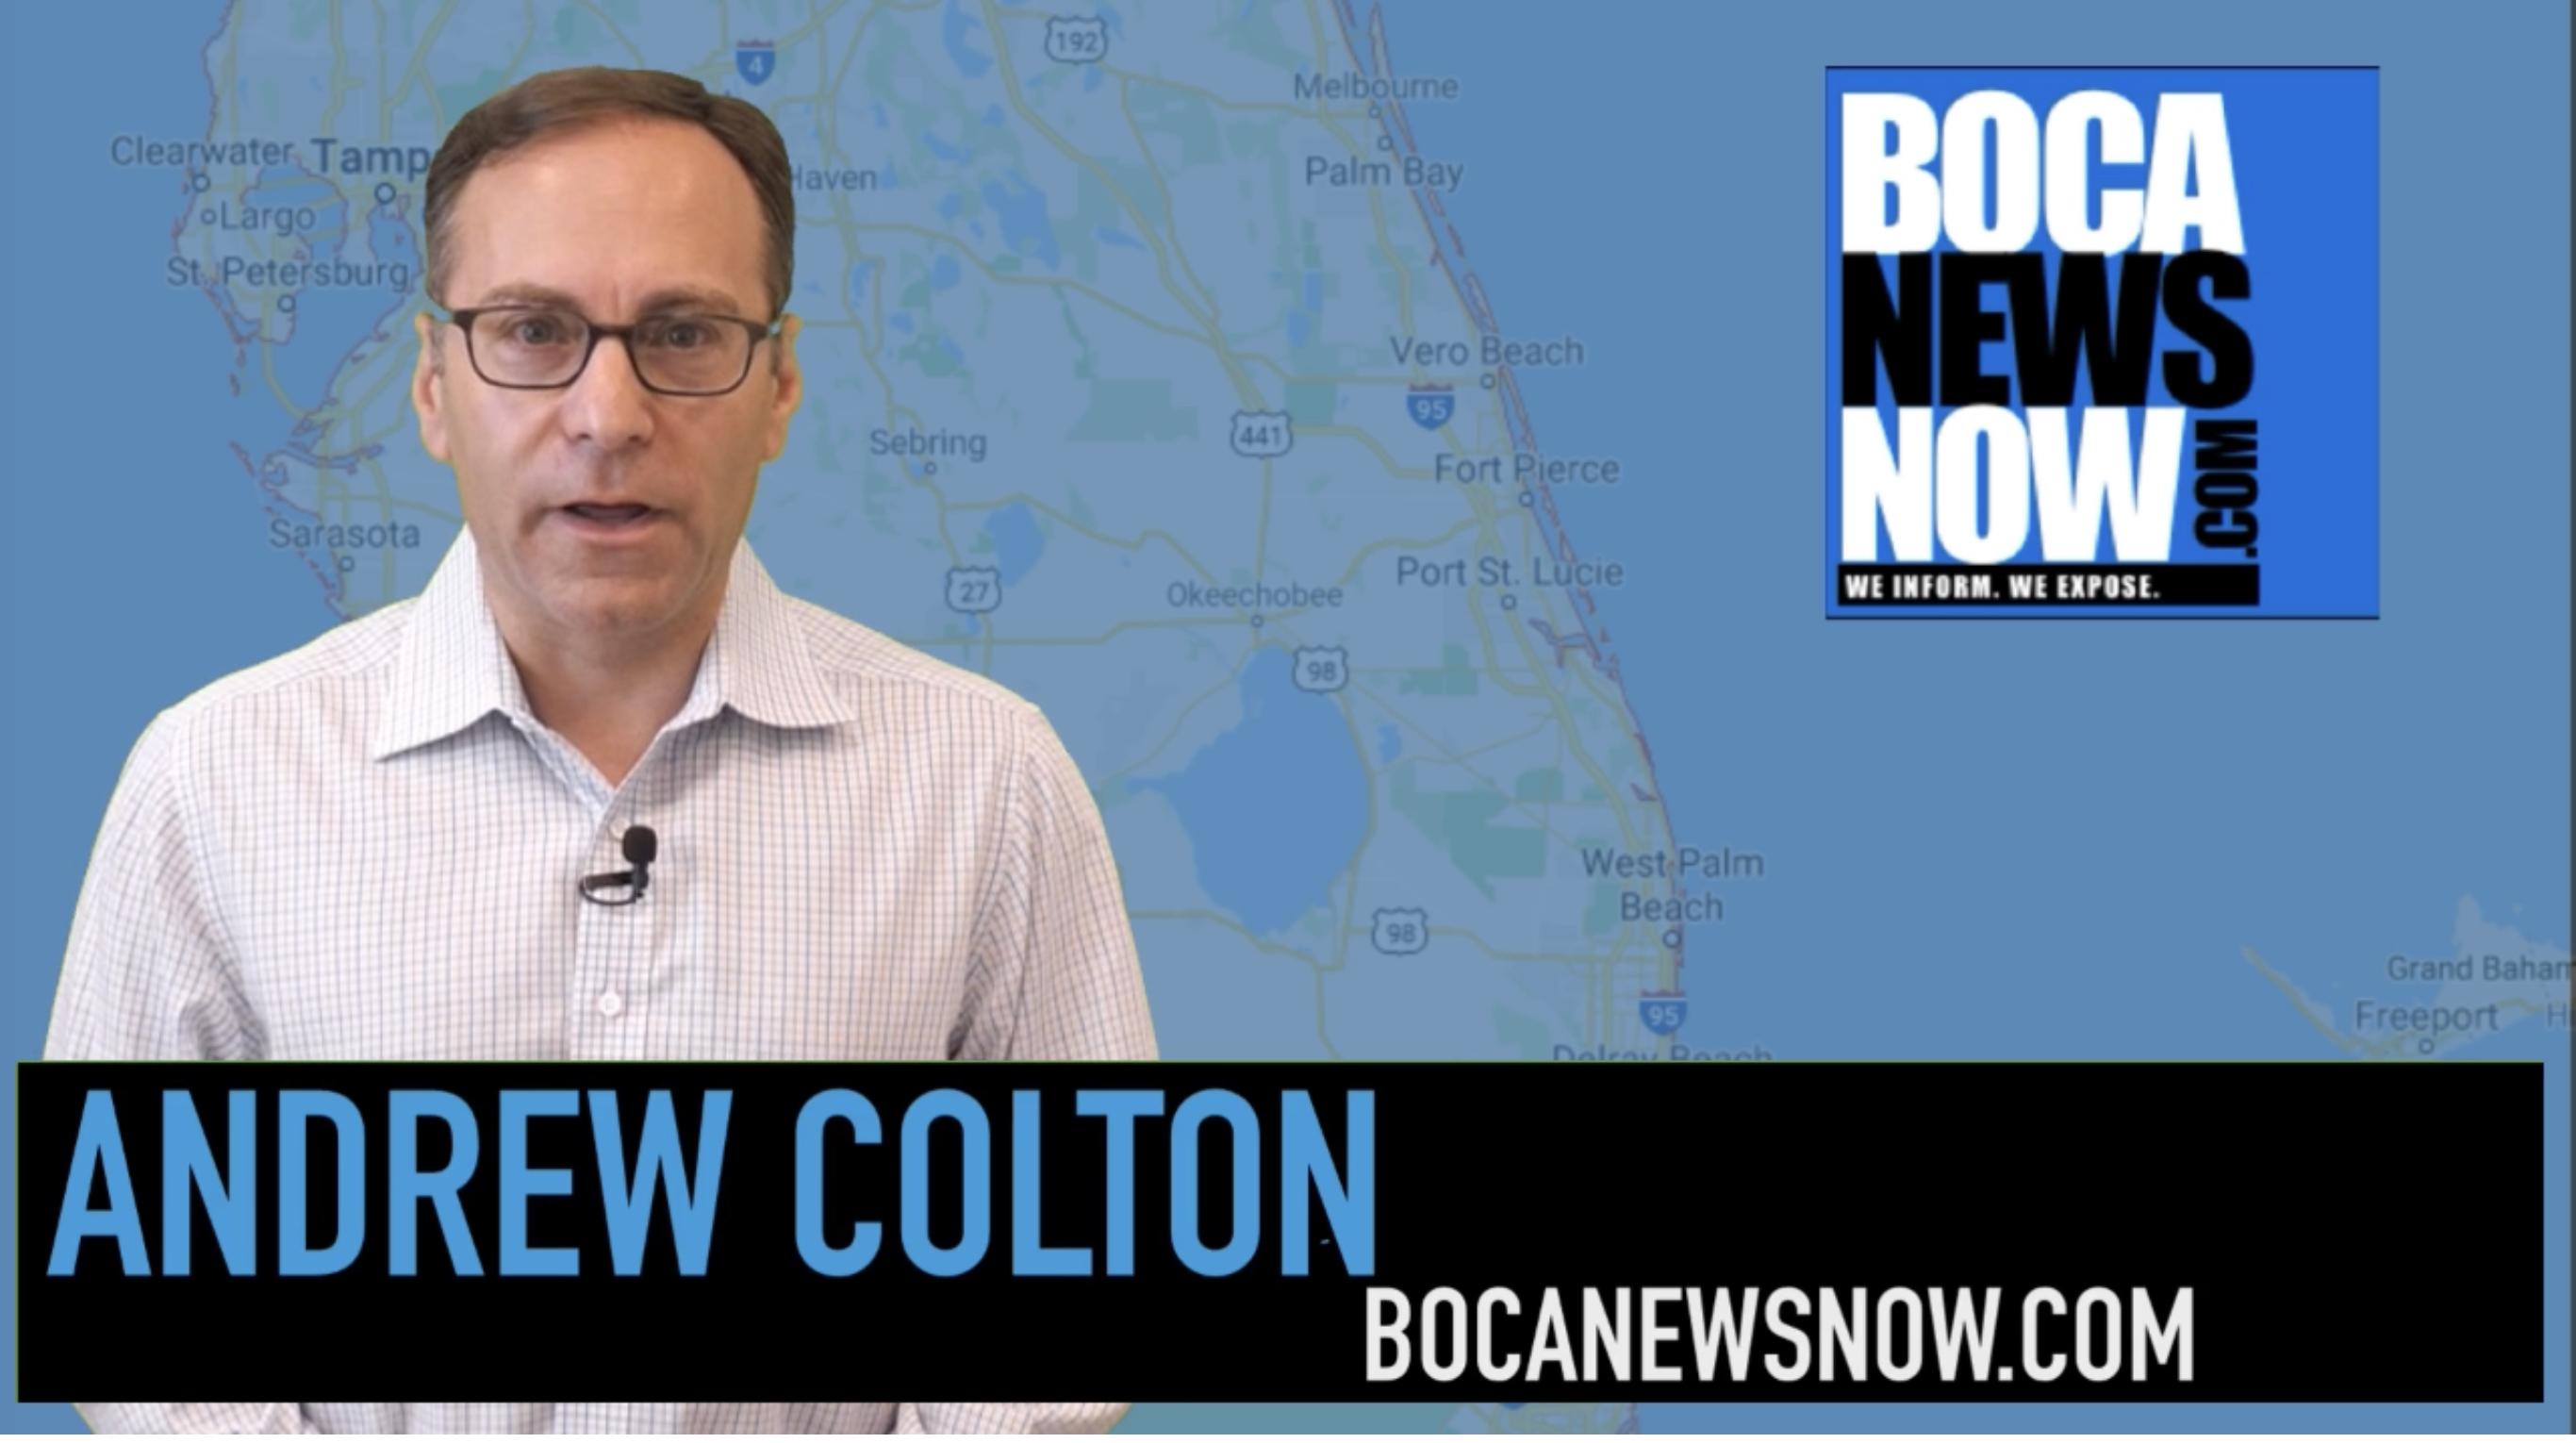 Andrew Colton BocaNewsNow.com TV